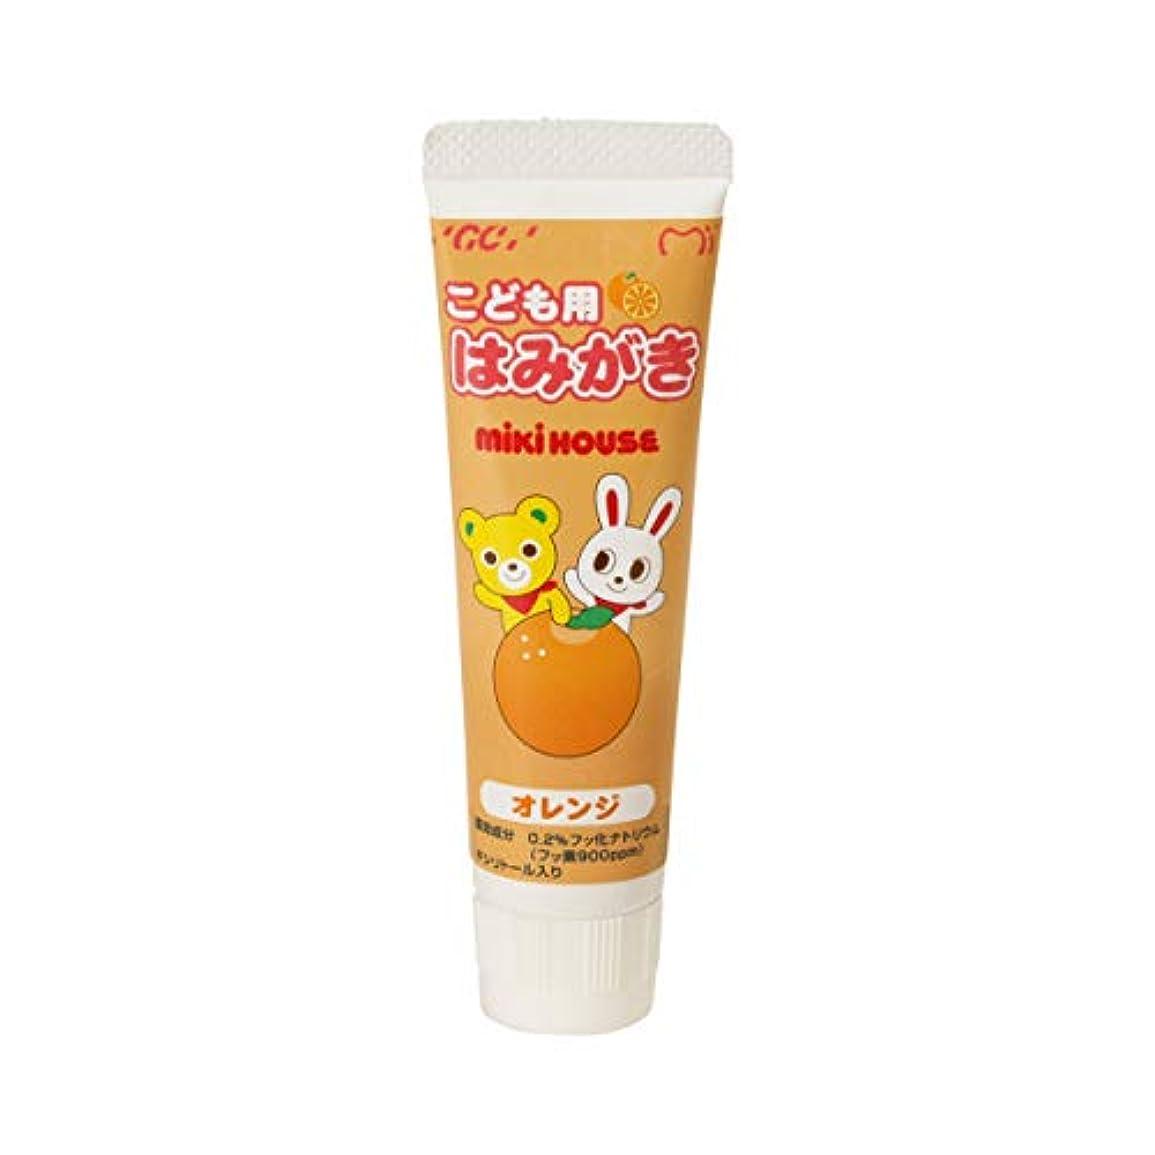 経営者逆人気のミキハウス (MIKIHOUSE) 歯みがき 15-4065-676 - オレンジ